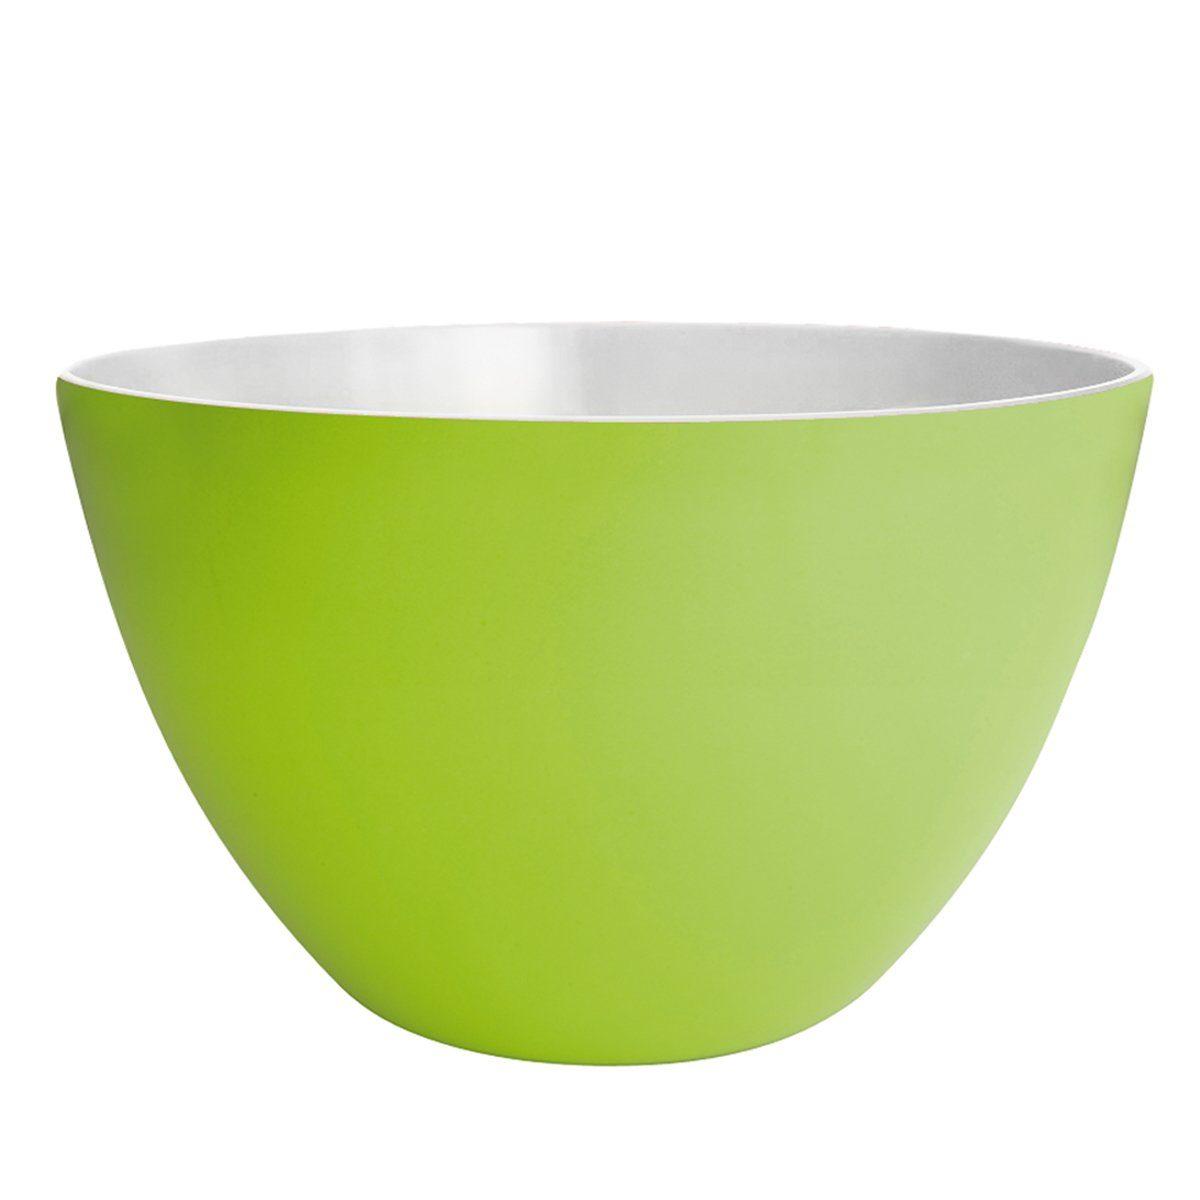 ZAK designs Zak designs Schüssel DUO 28cm grün-weiß